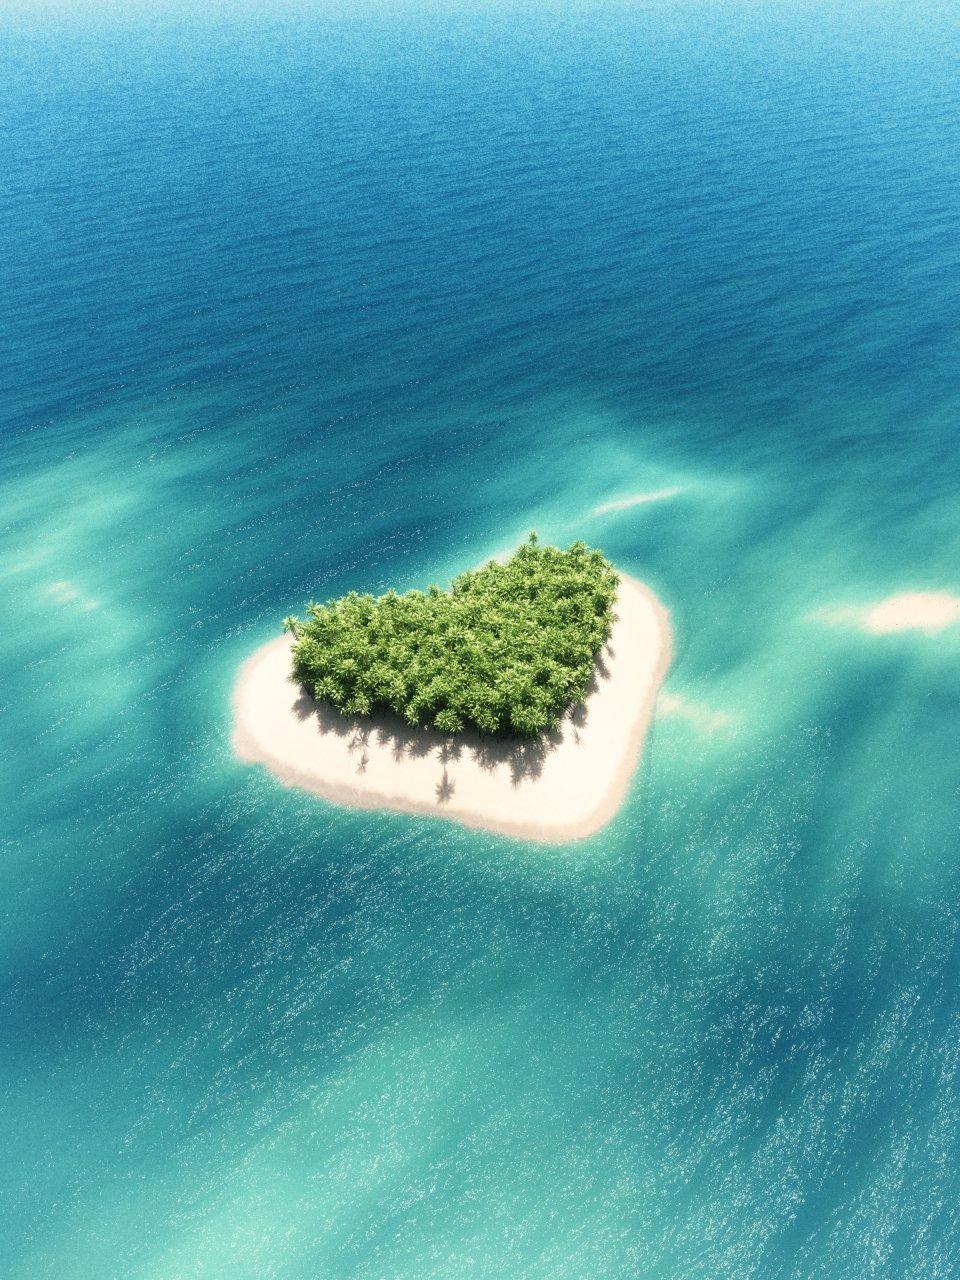 Das ultimative romantische Reiseziel für Ihren nächsten Urlaub.